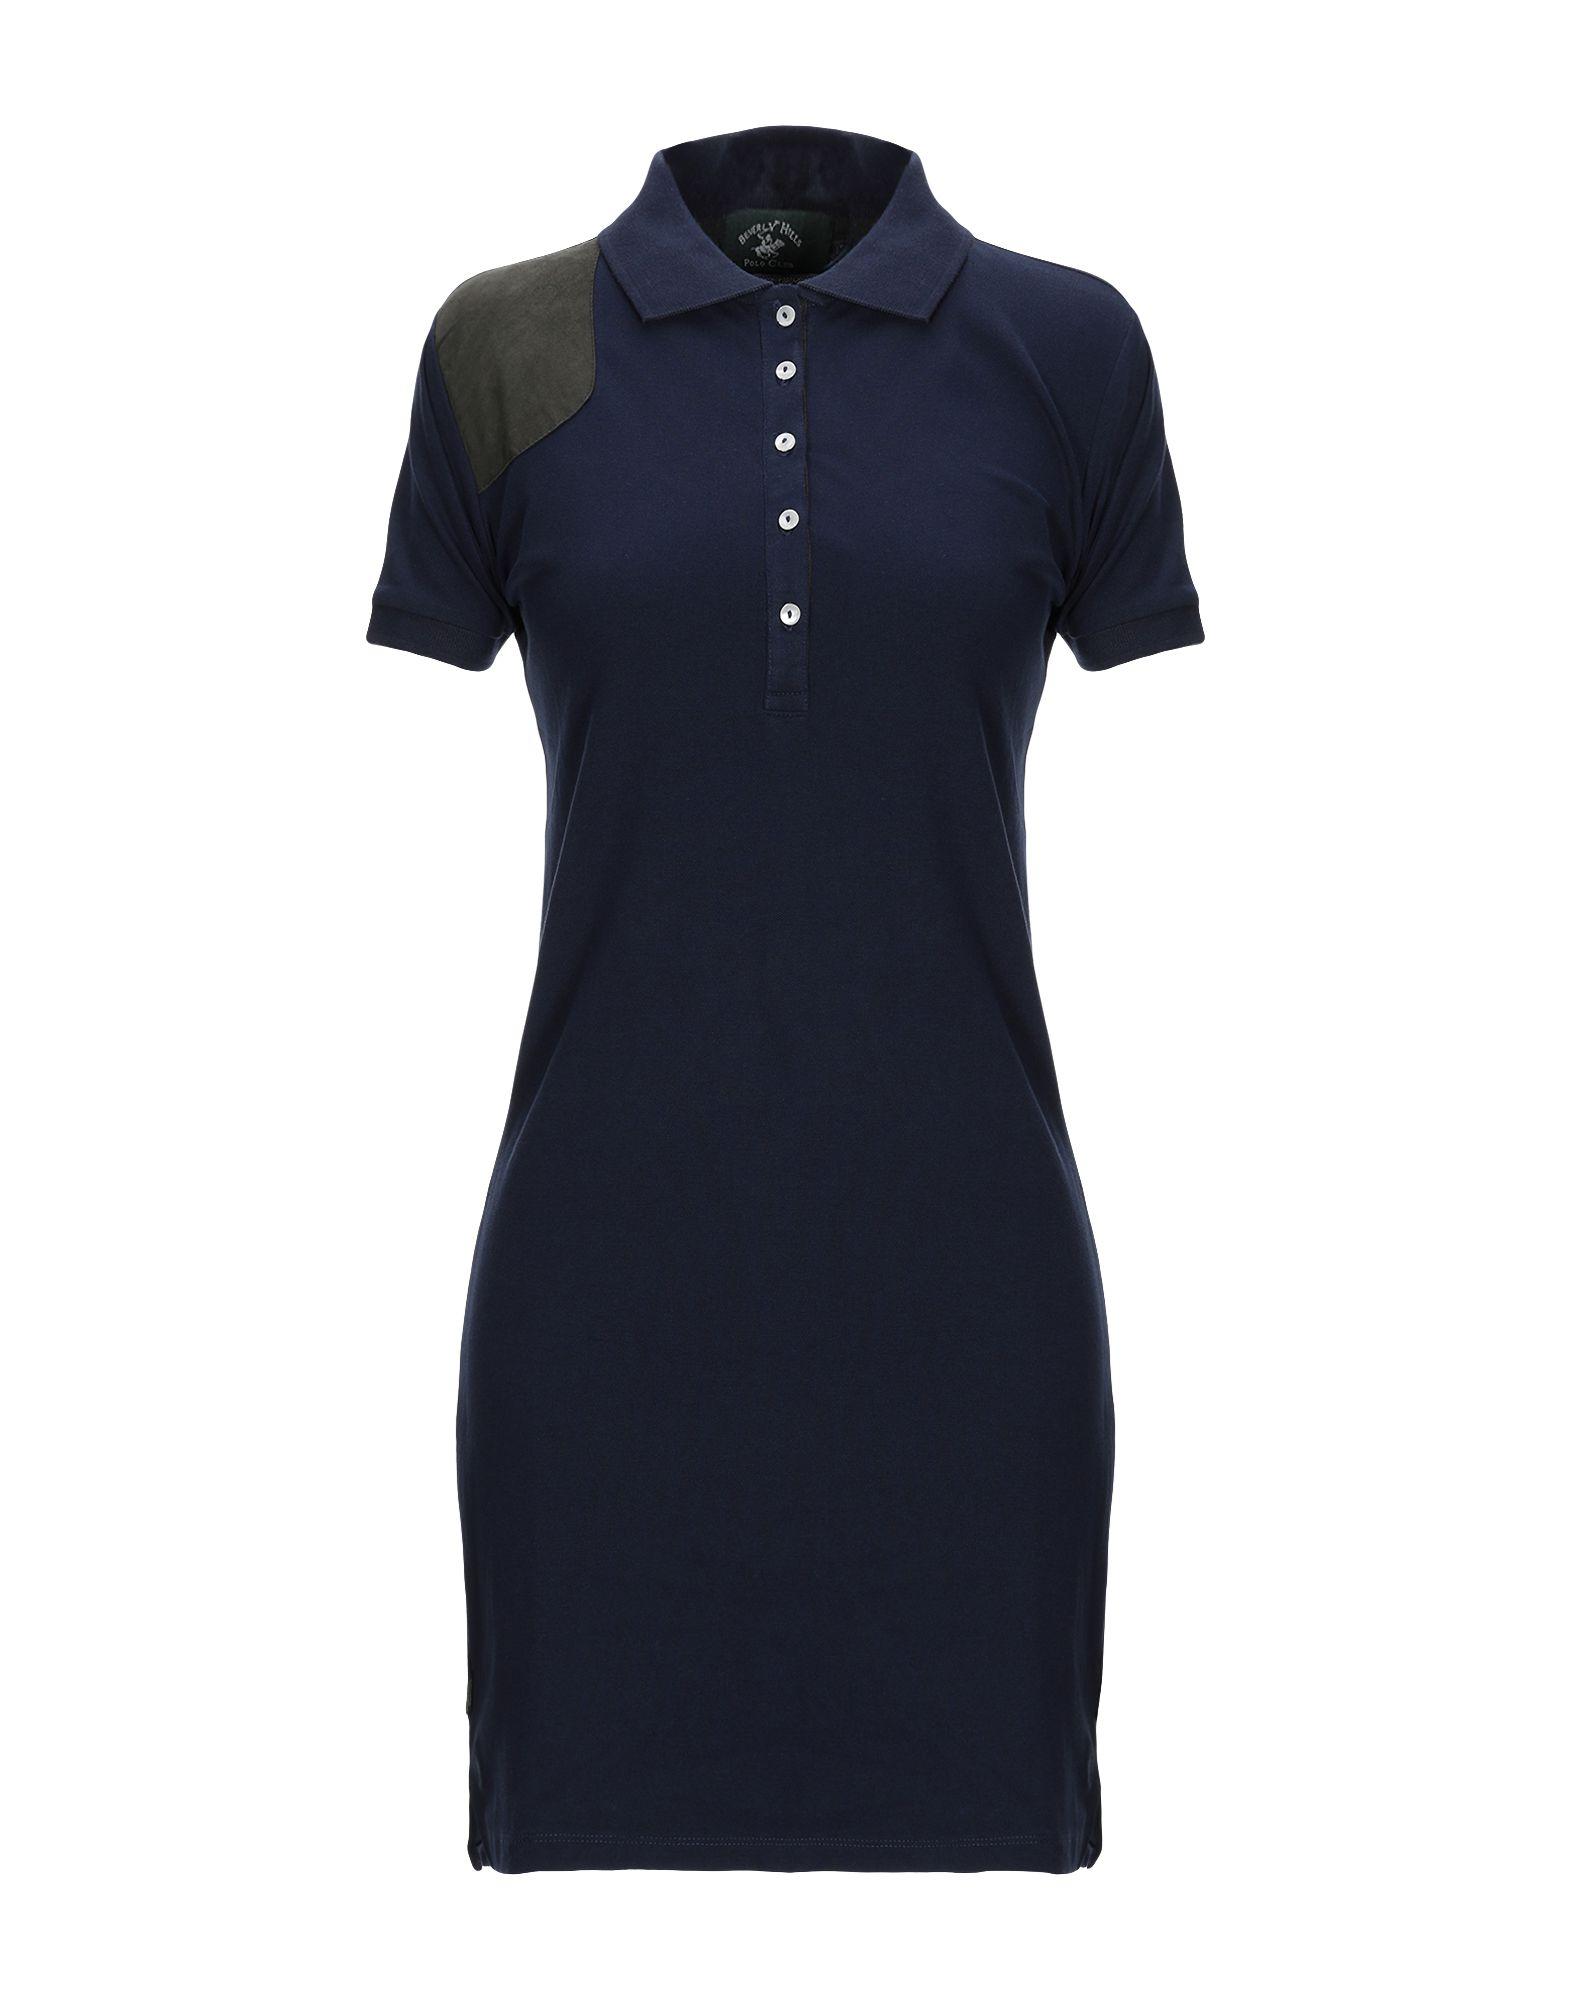 BEVERLY HILLS POLO CLUB Damen Kurzes Kleid Farbe Dunkelblau Größe 5